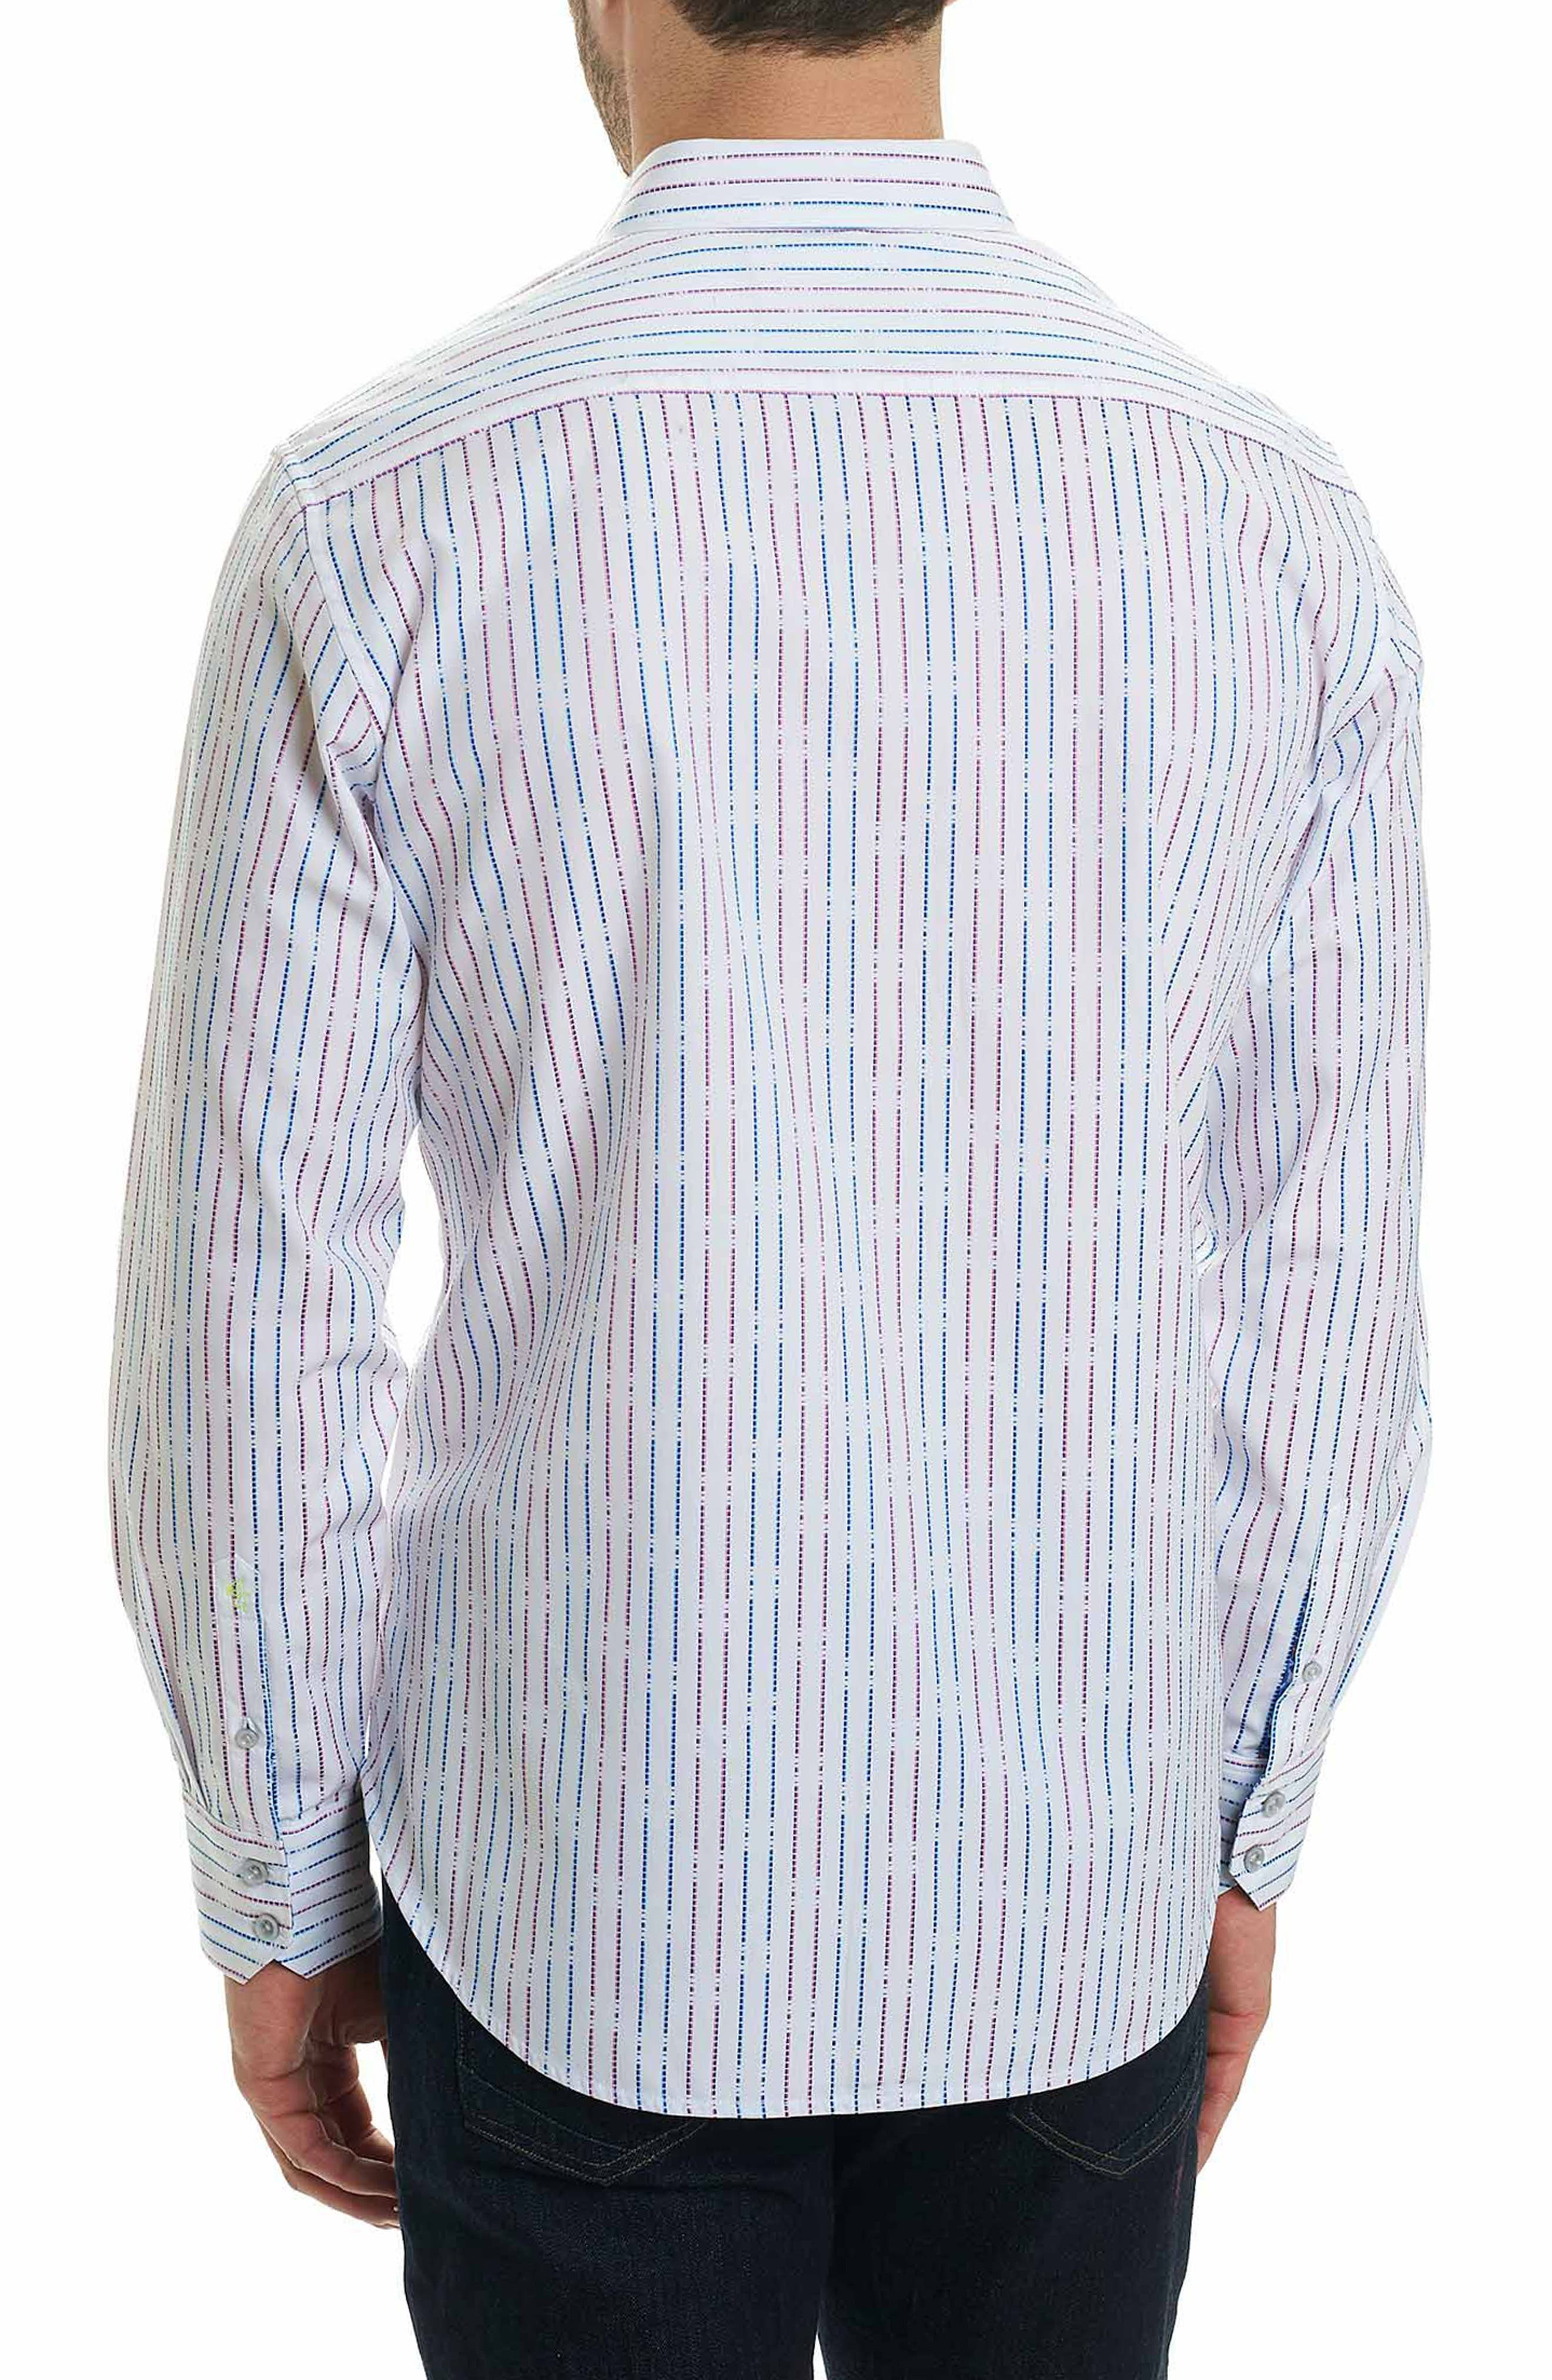 Bora Classic Fit Sport Shirt,                             Alternate thumbnail 2, color,                             White